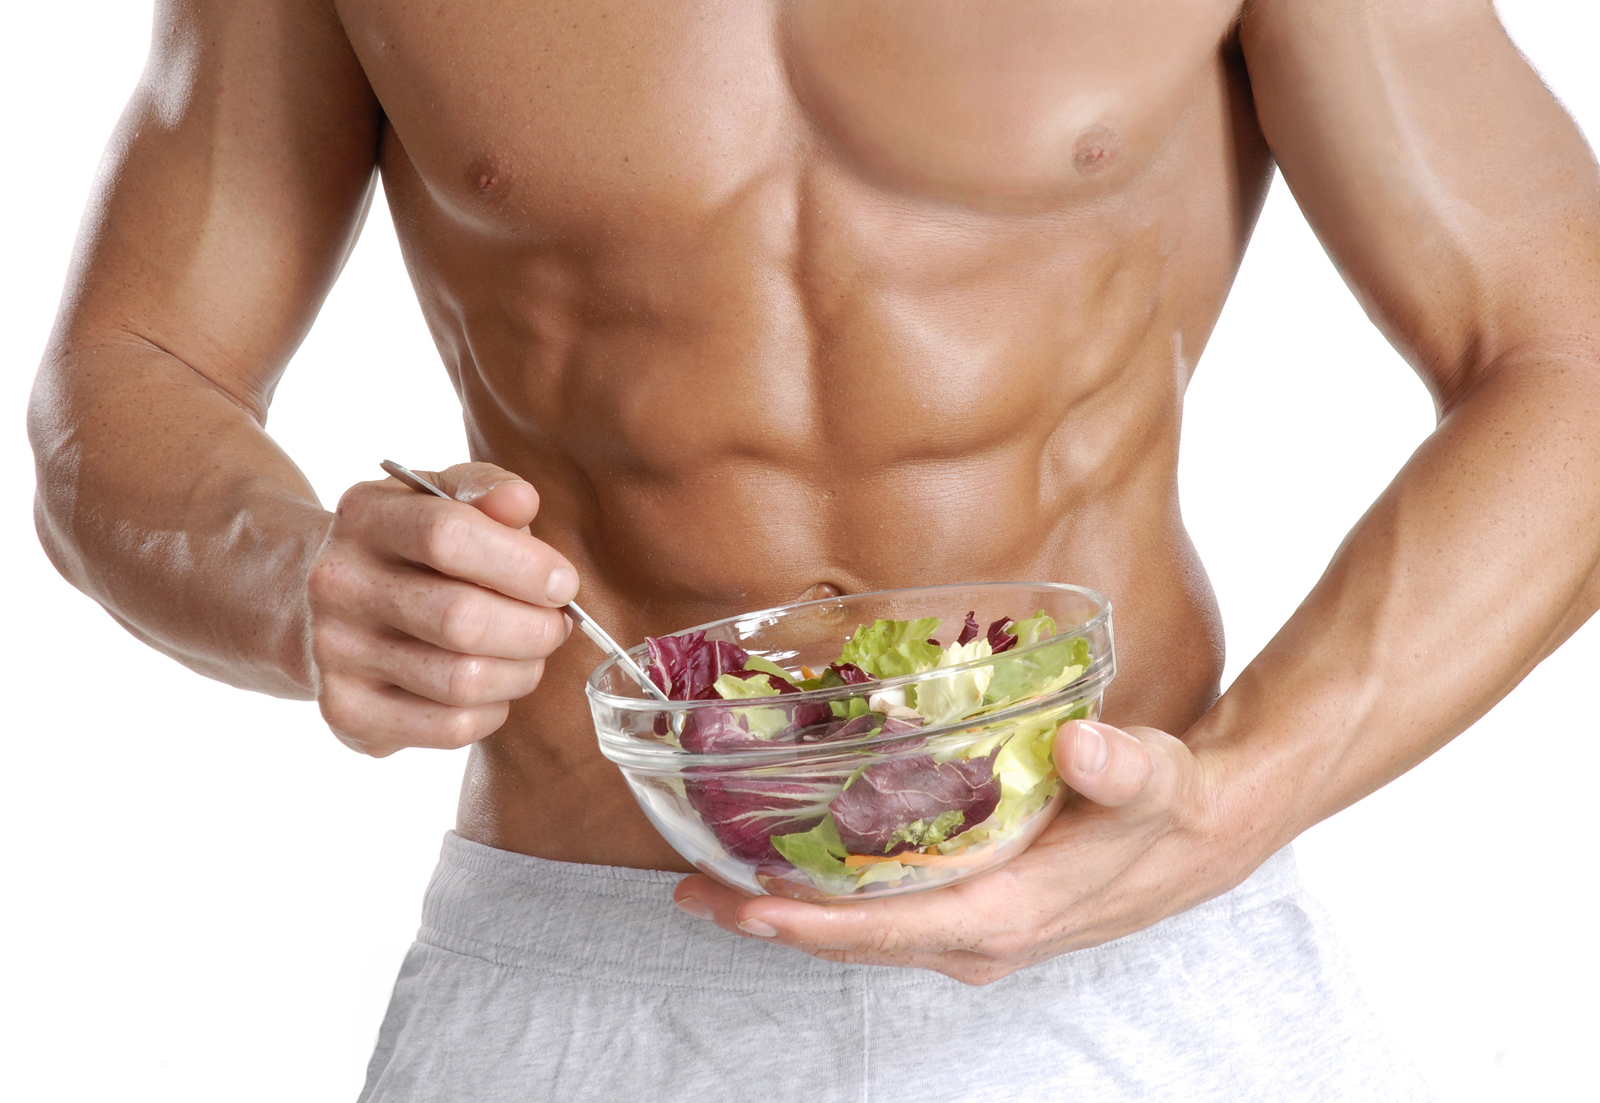 храна за красиво тяло